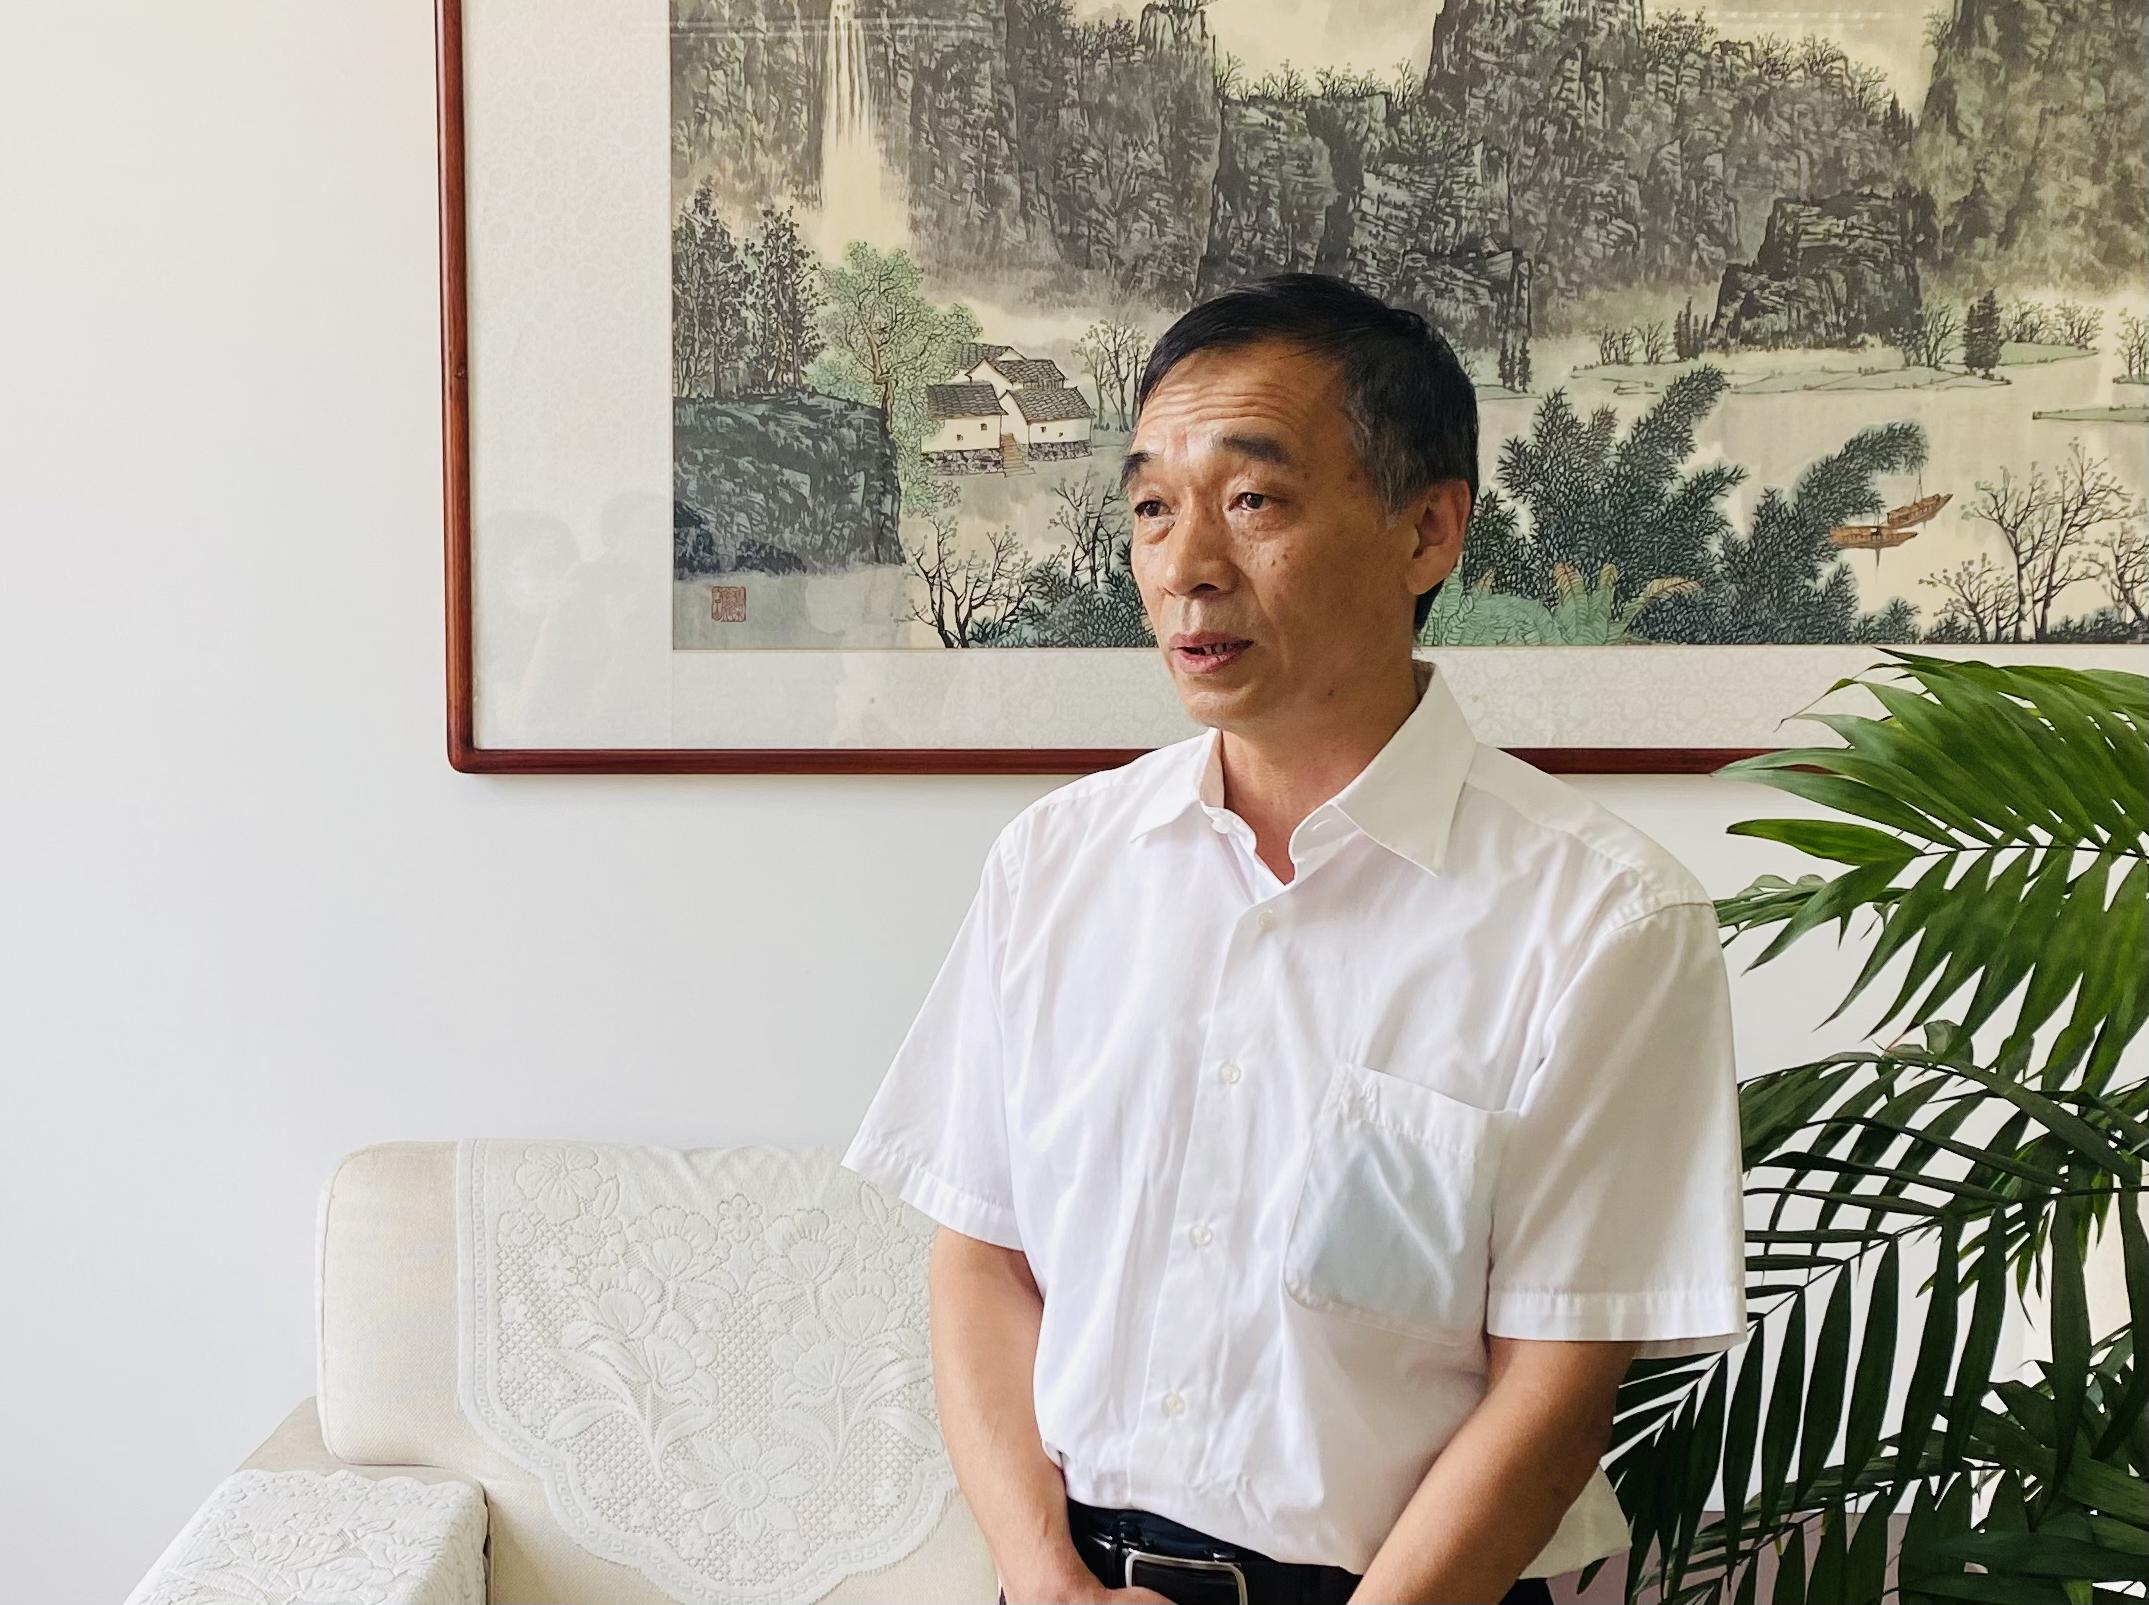 滨州市农业农村局局长王世强: 对照责任清单抓好落实,全力以赴巩固迎审成果